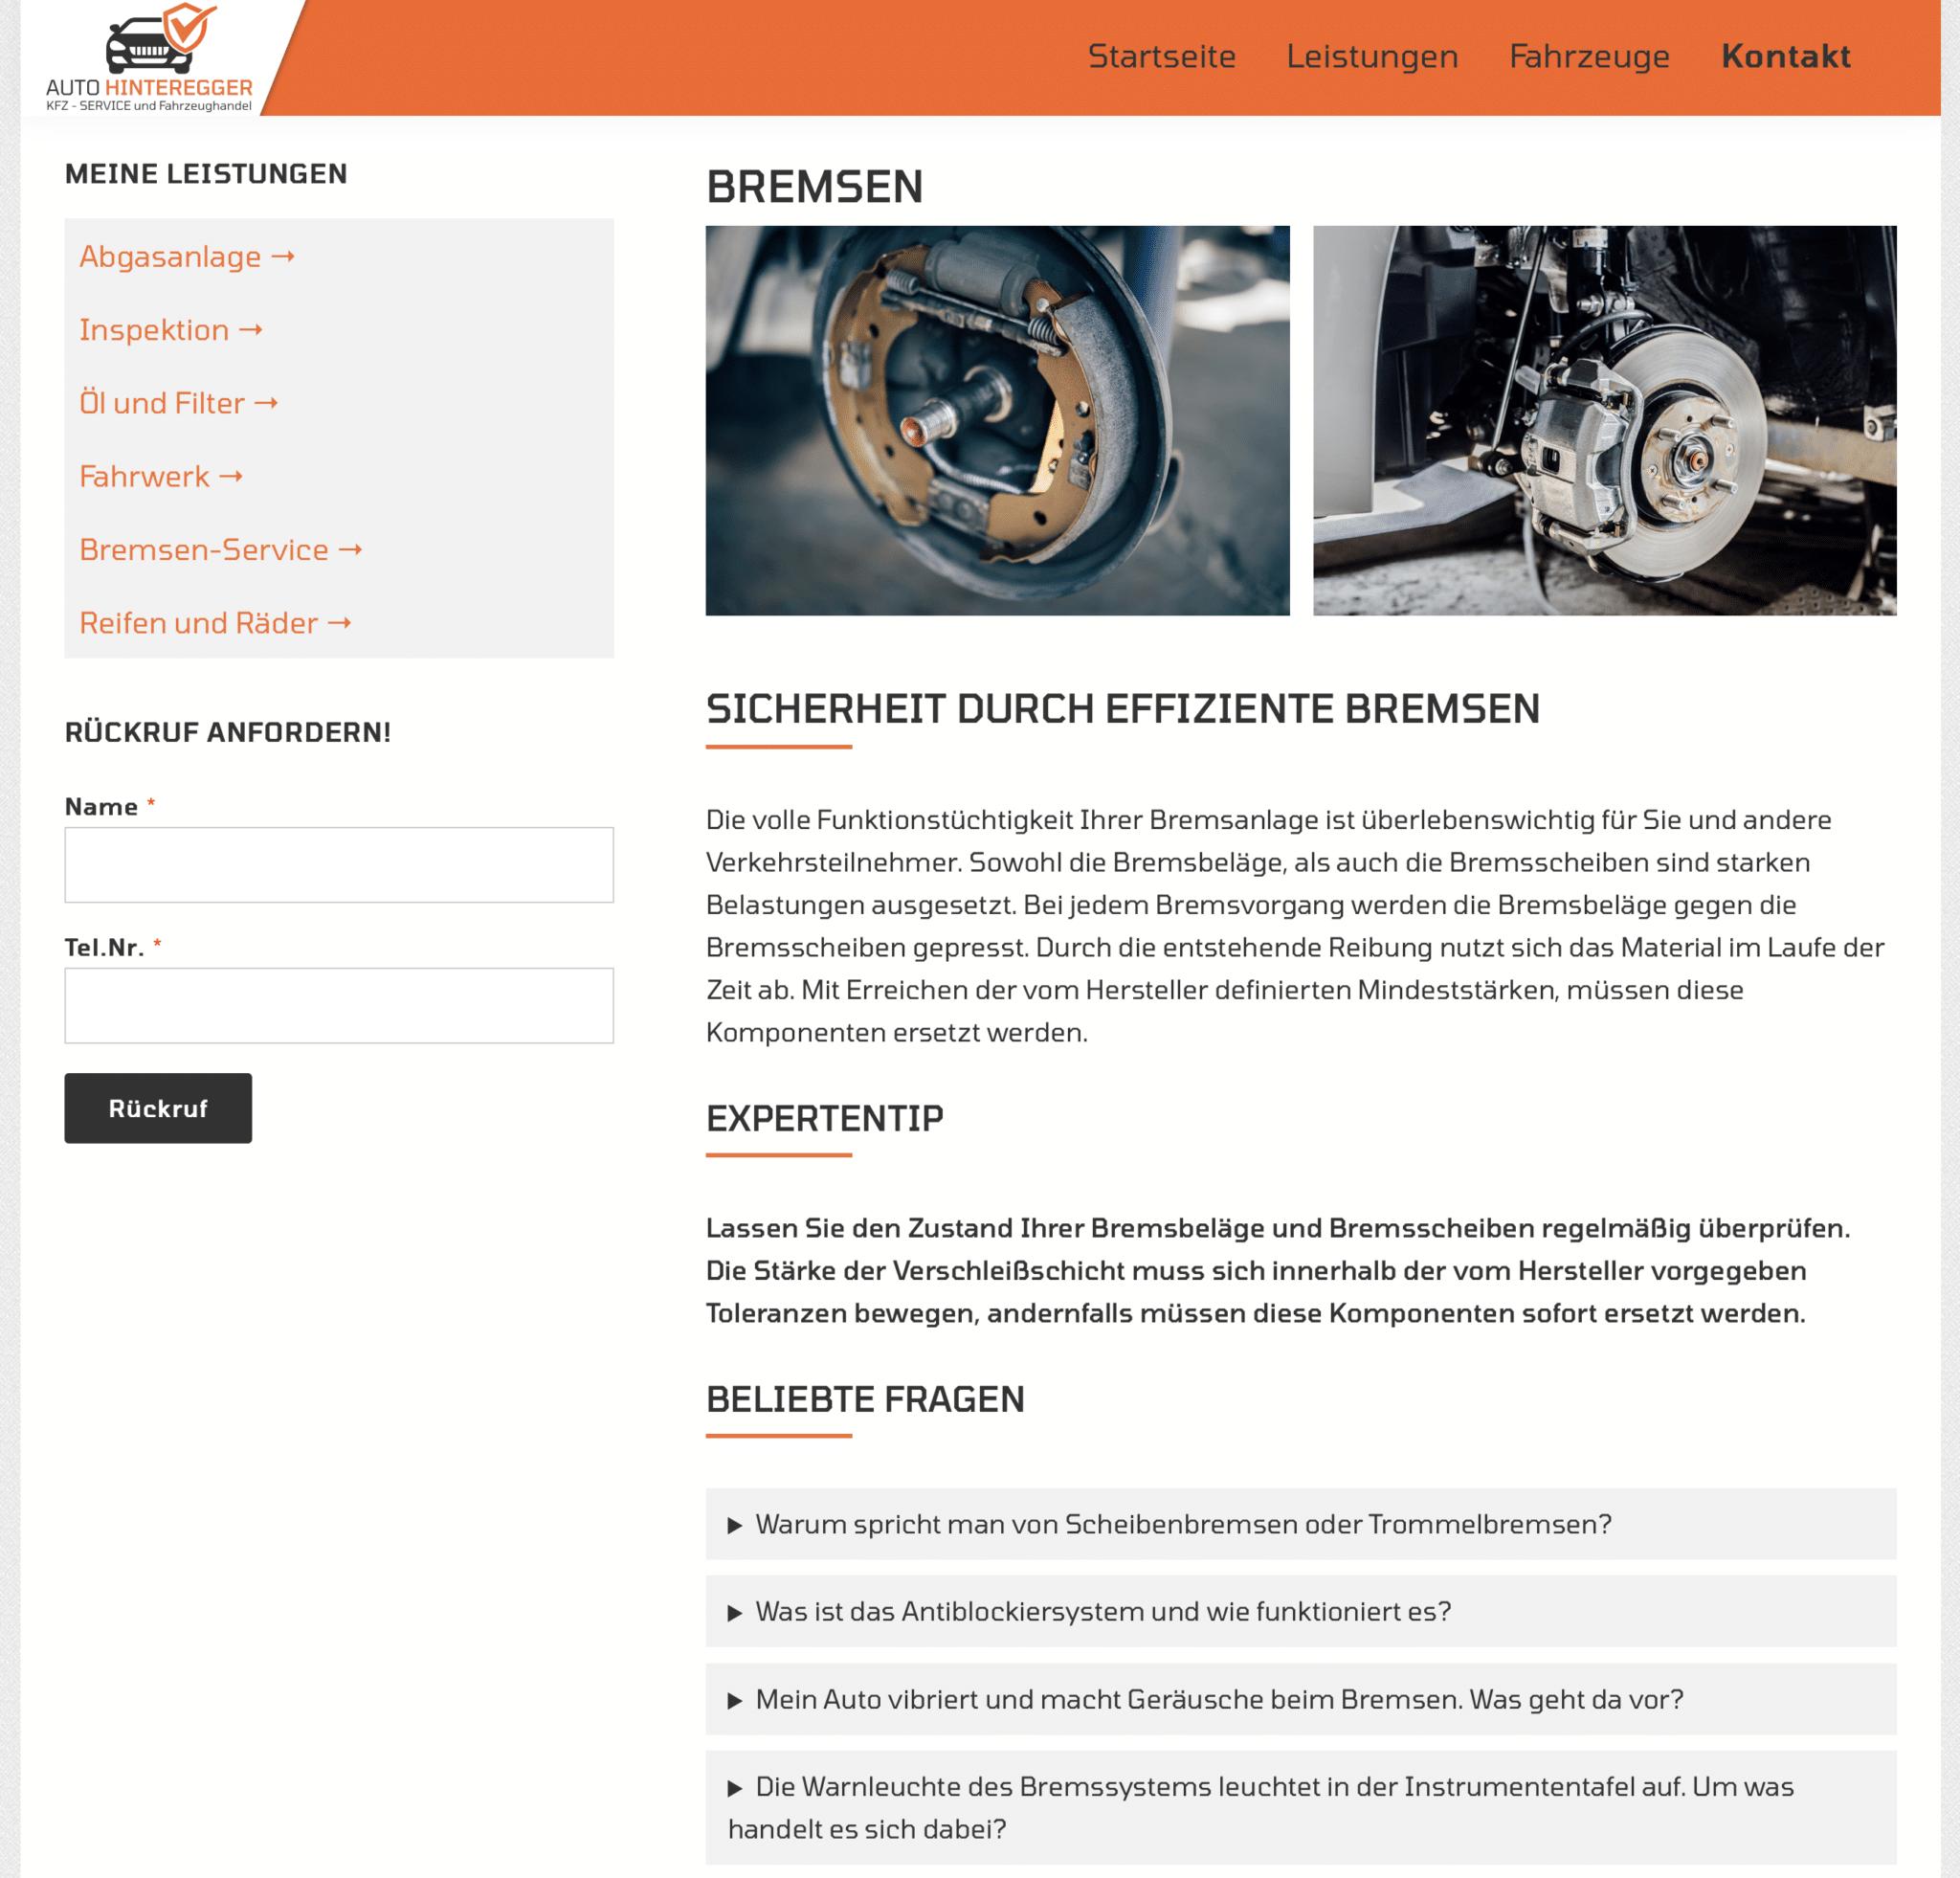 Ausschnitt der Website für Auto Hinteregger auf dem die Leistungen abgebildet sind